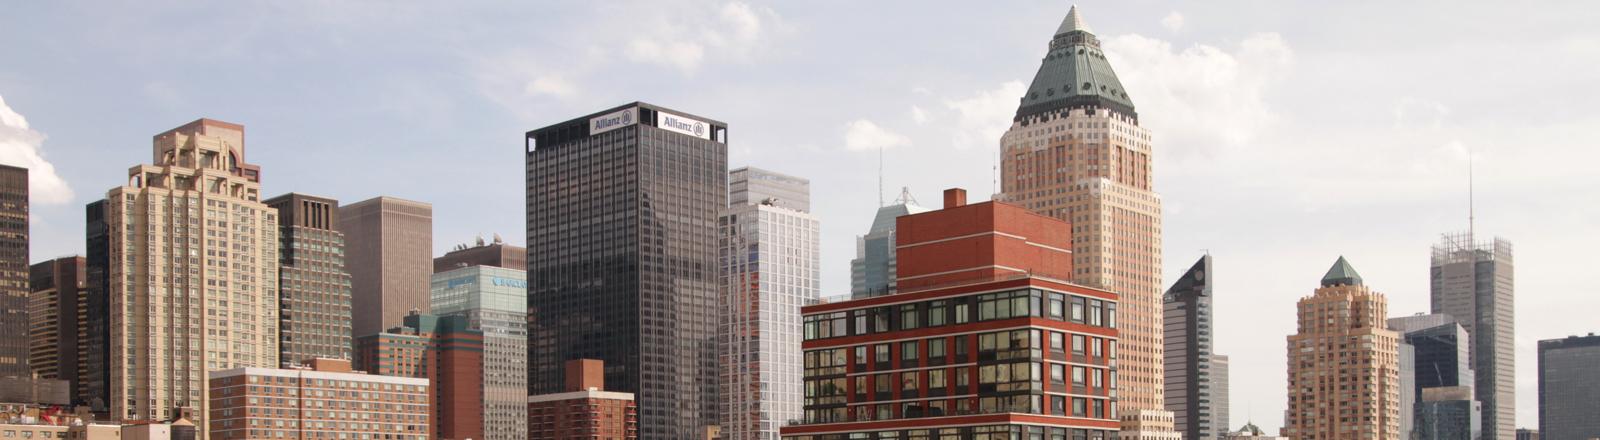 Silhouette von New York mit Wolkenkratzern und Hinterhöfen.